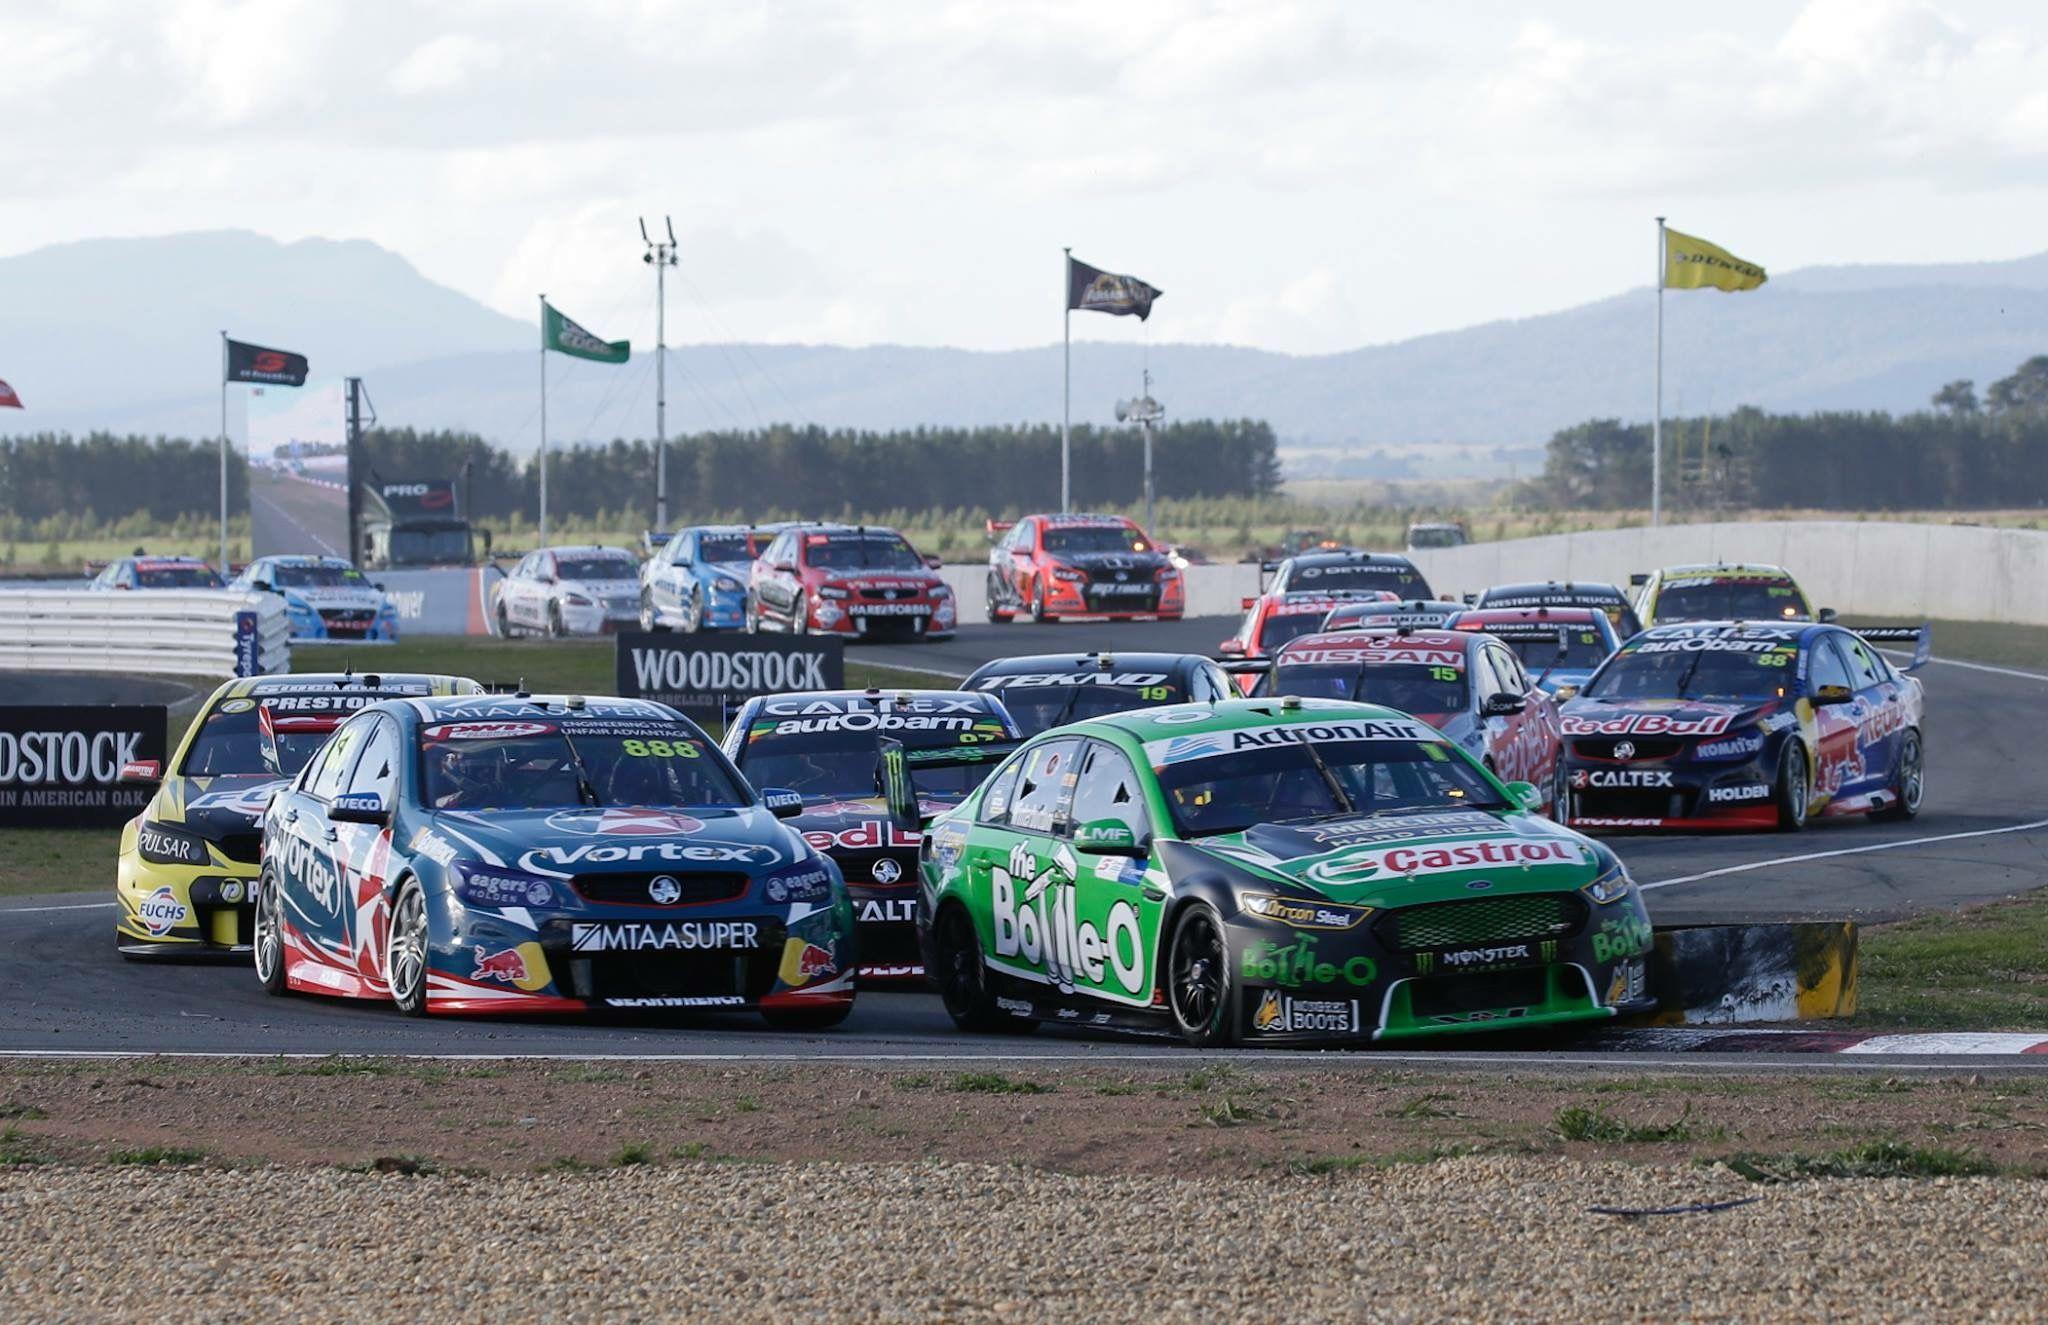 Pin By Steve K On V8 Supercars Australian V8 Supercars V8 Supercars Australia Racing